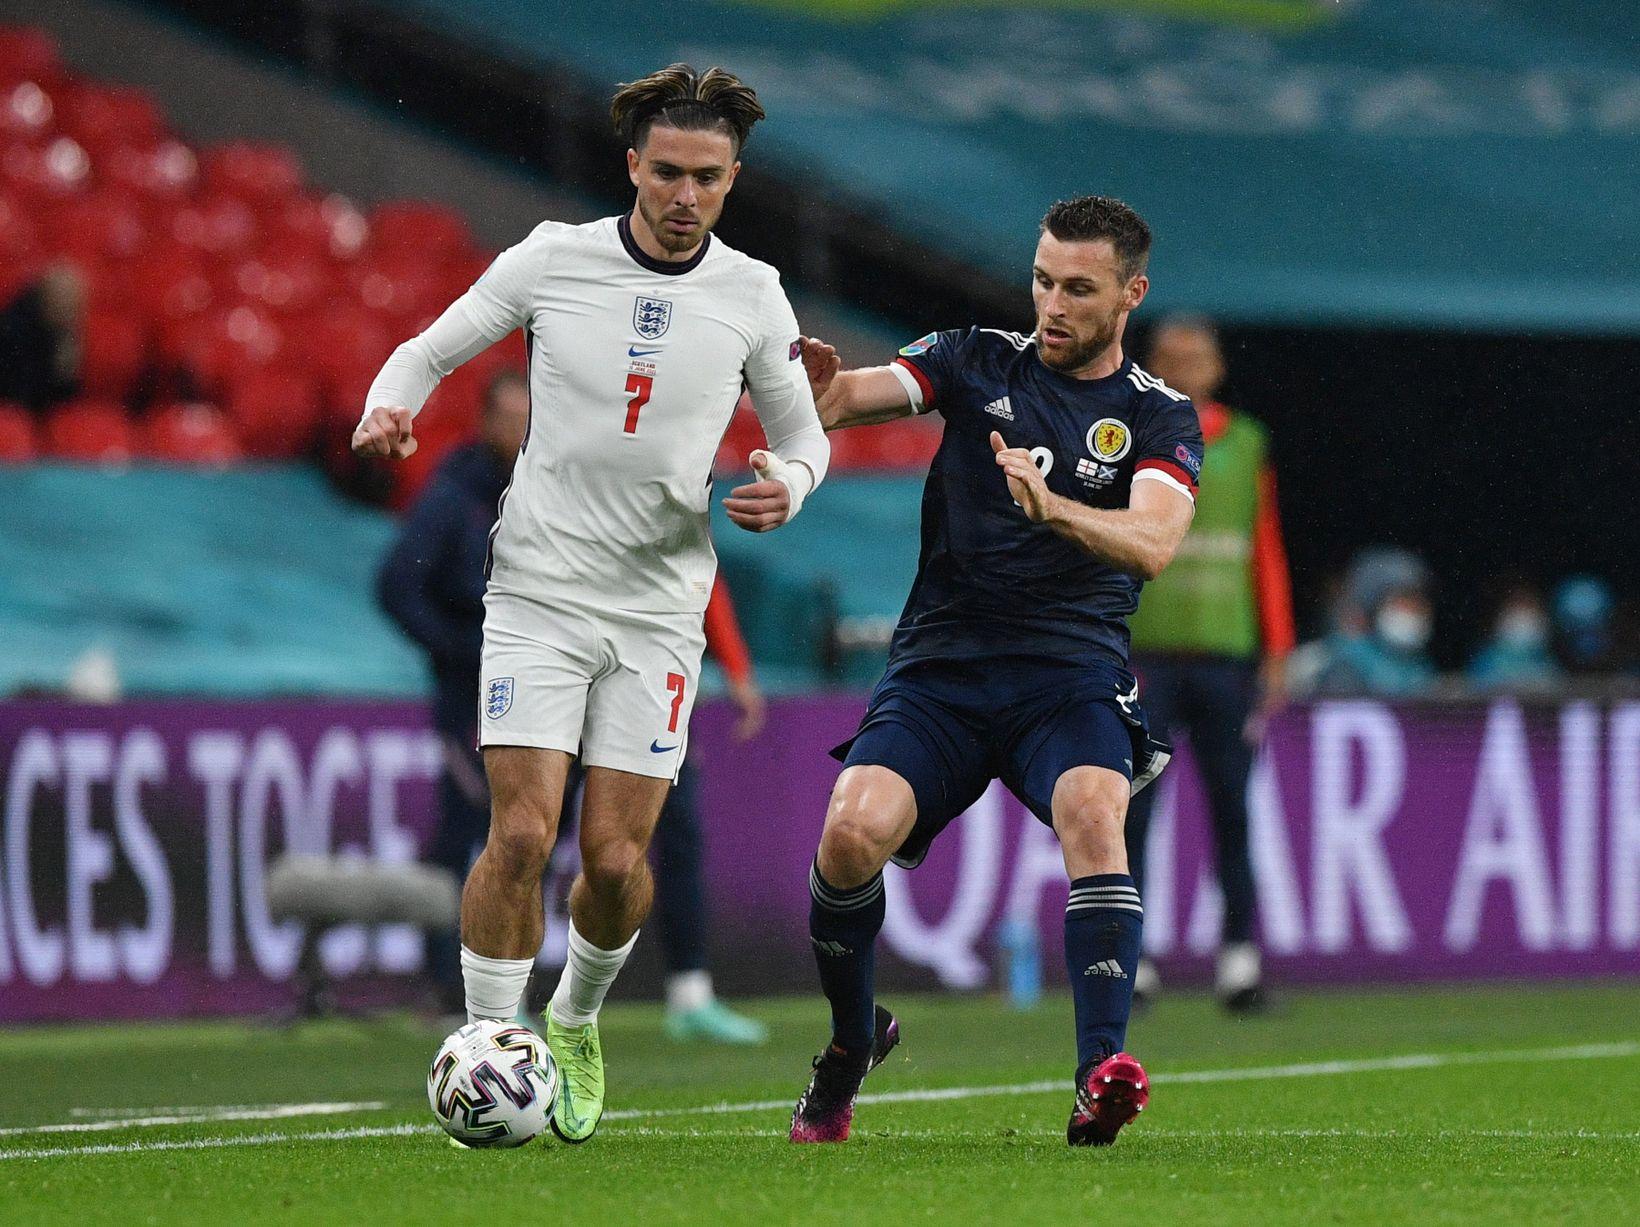 Momen pertandingan Inggris vs Skotlandia di Piala Eropa 2020. (foto: Reuters)